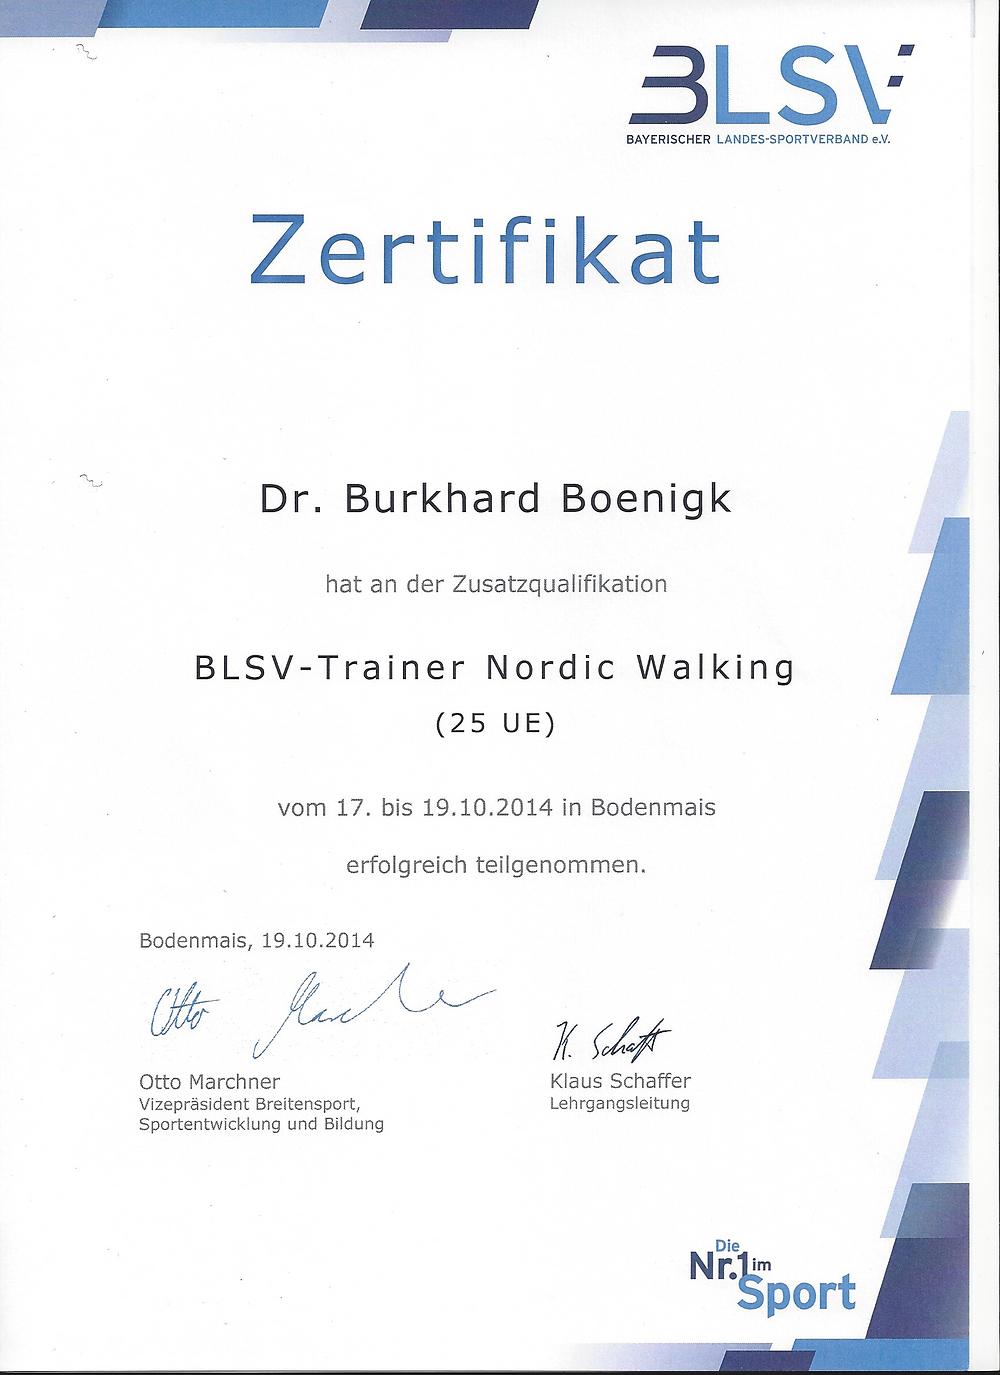 Laufinstinkt+ BLSV-Trainer Nordic Walking - Zertifikat